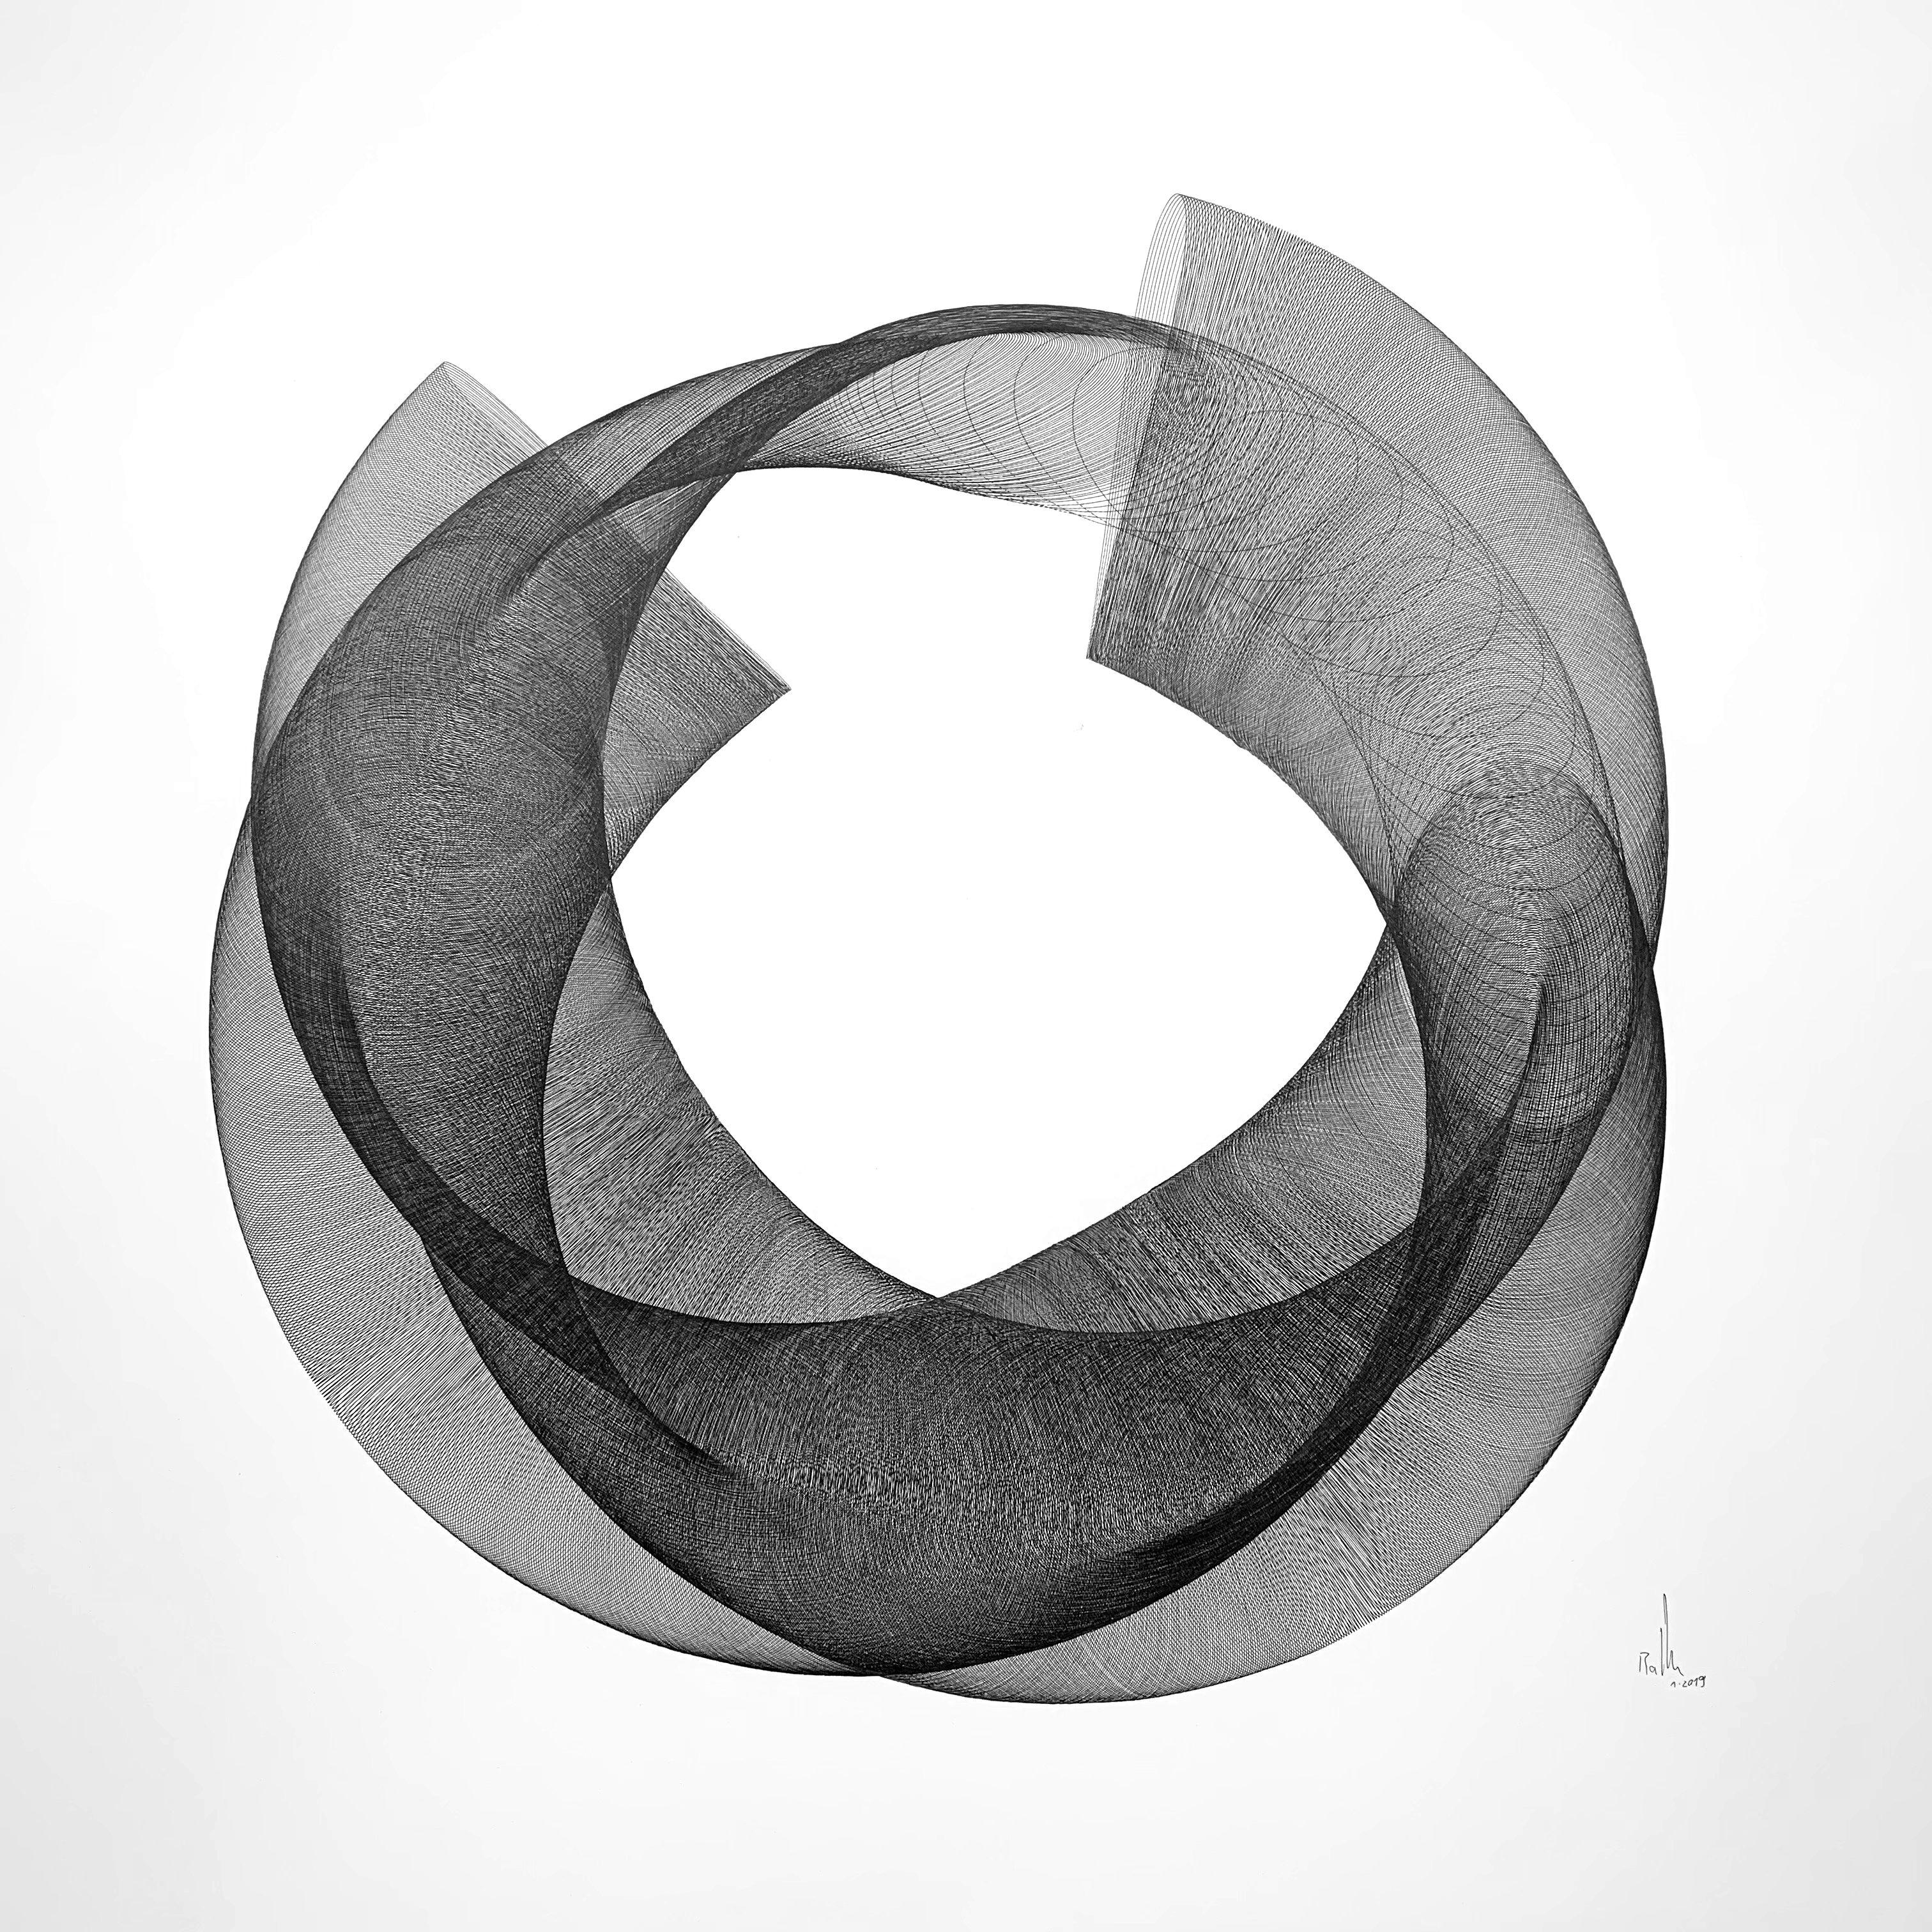 Ein sehr klares und doch tiefgründiges Design. Es wurde durch generative Auftrageverfahren auf einer Zeichenmaschine erstellt und durch menschliche Intervention in ein interessantes geometrisches Muster gebracht. Ähnliche Werke sind auch auf Robert Balkes Website zu sehen.